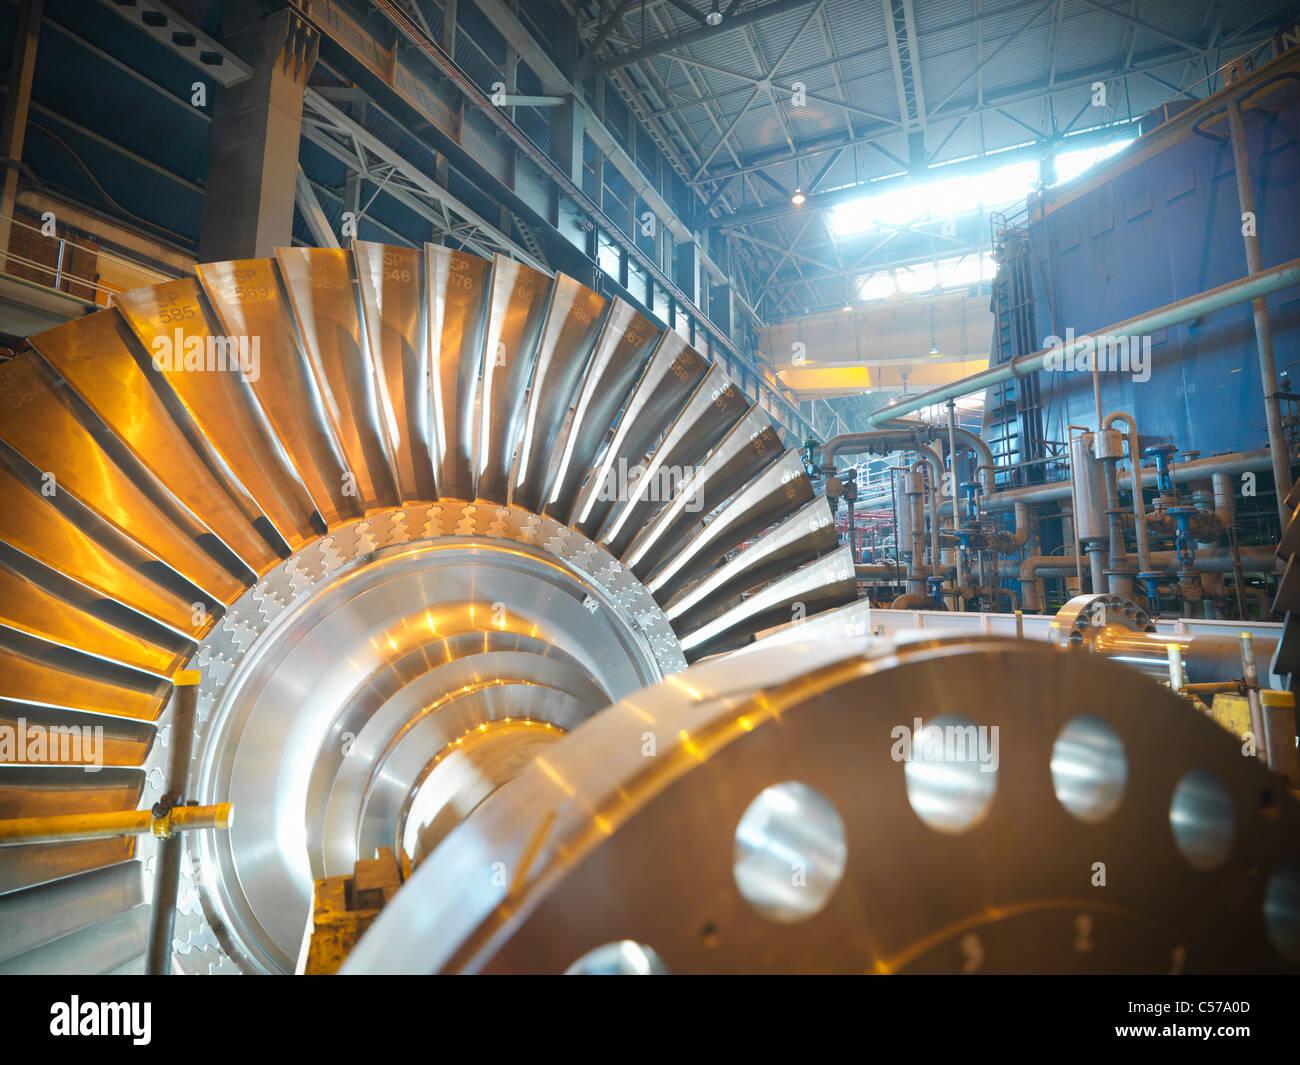 Turbine im Kraftwerk Stockbild